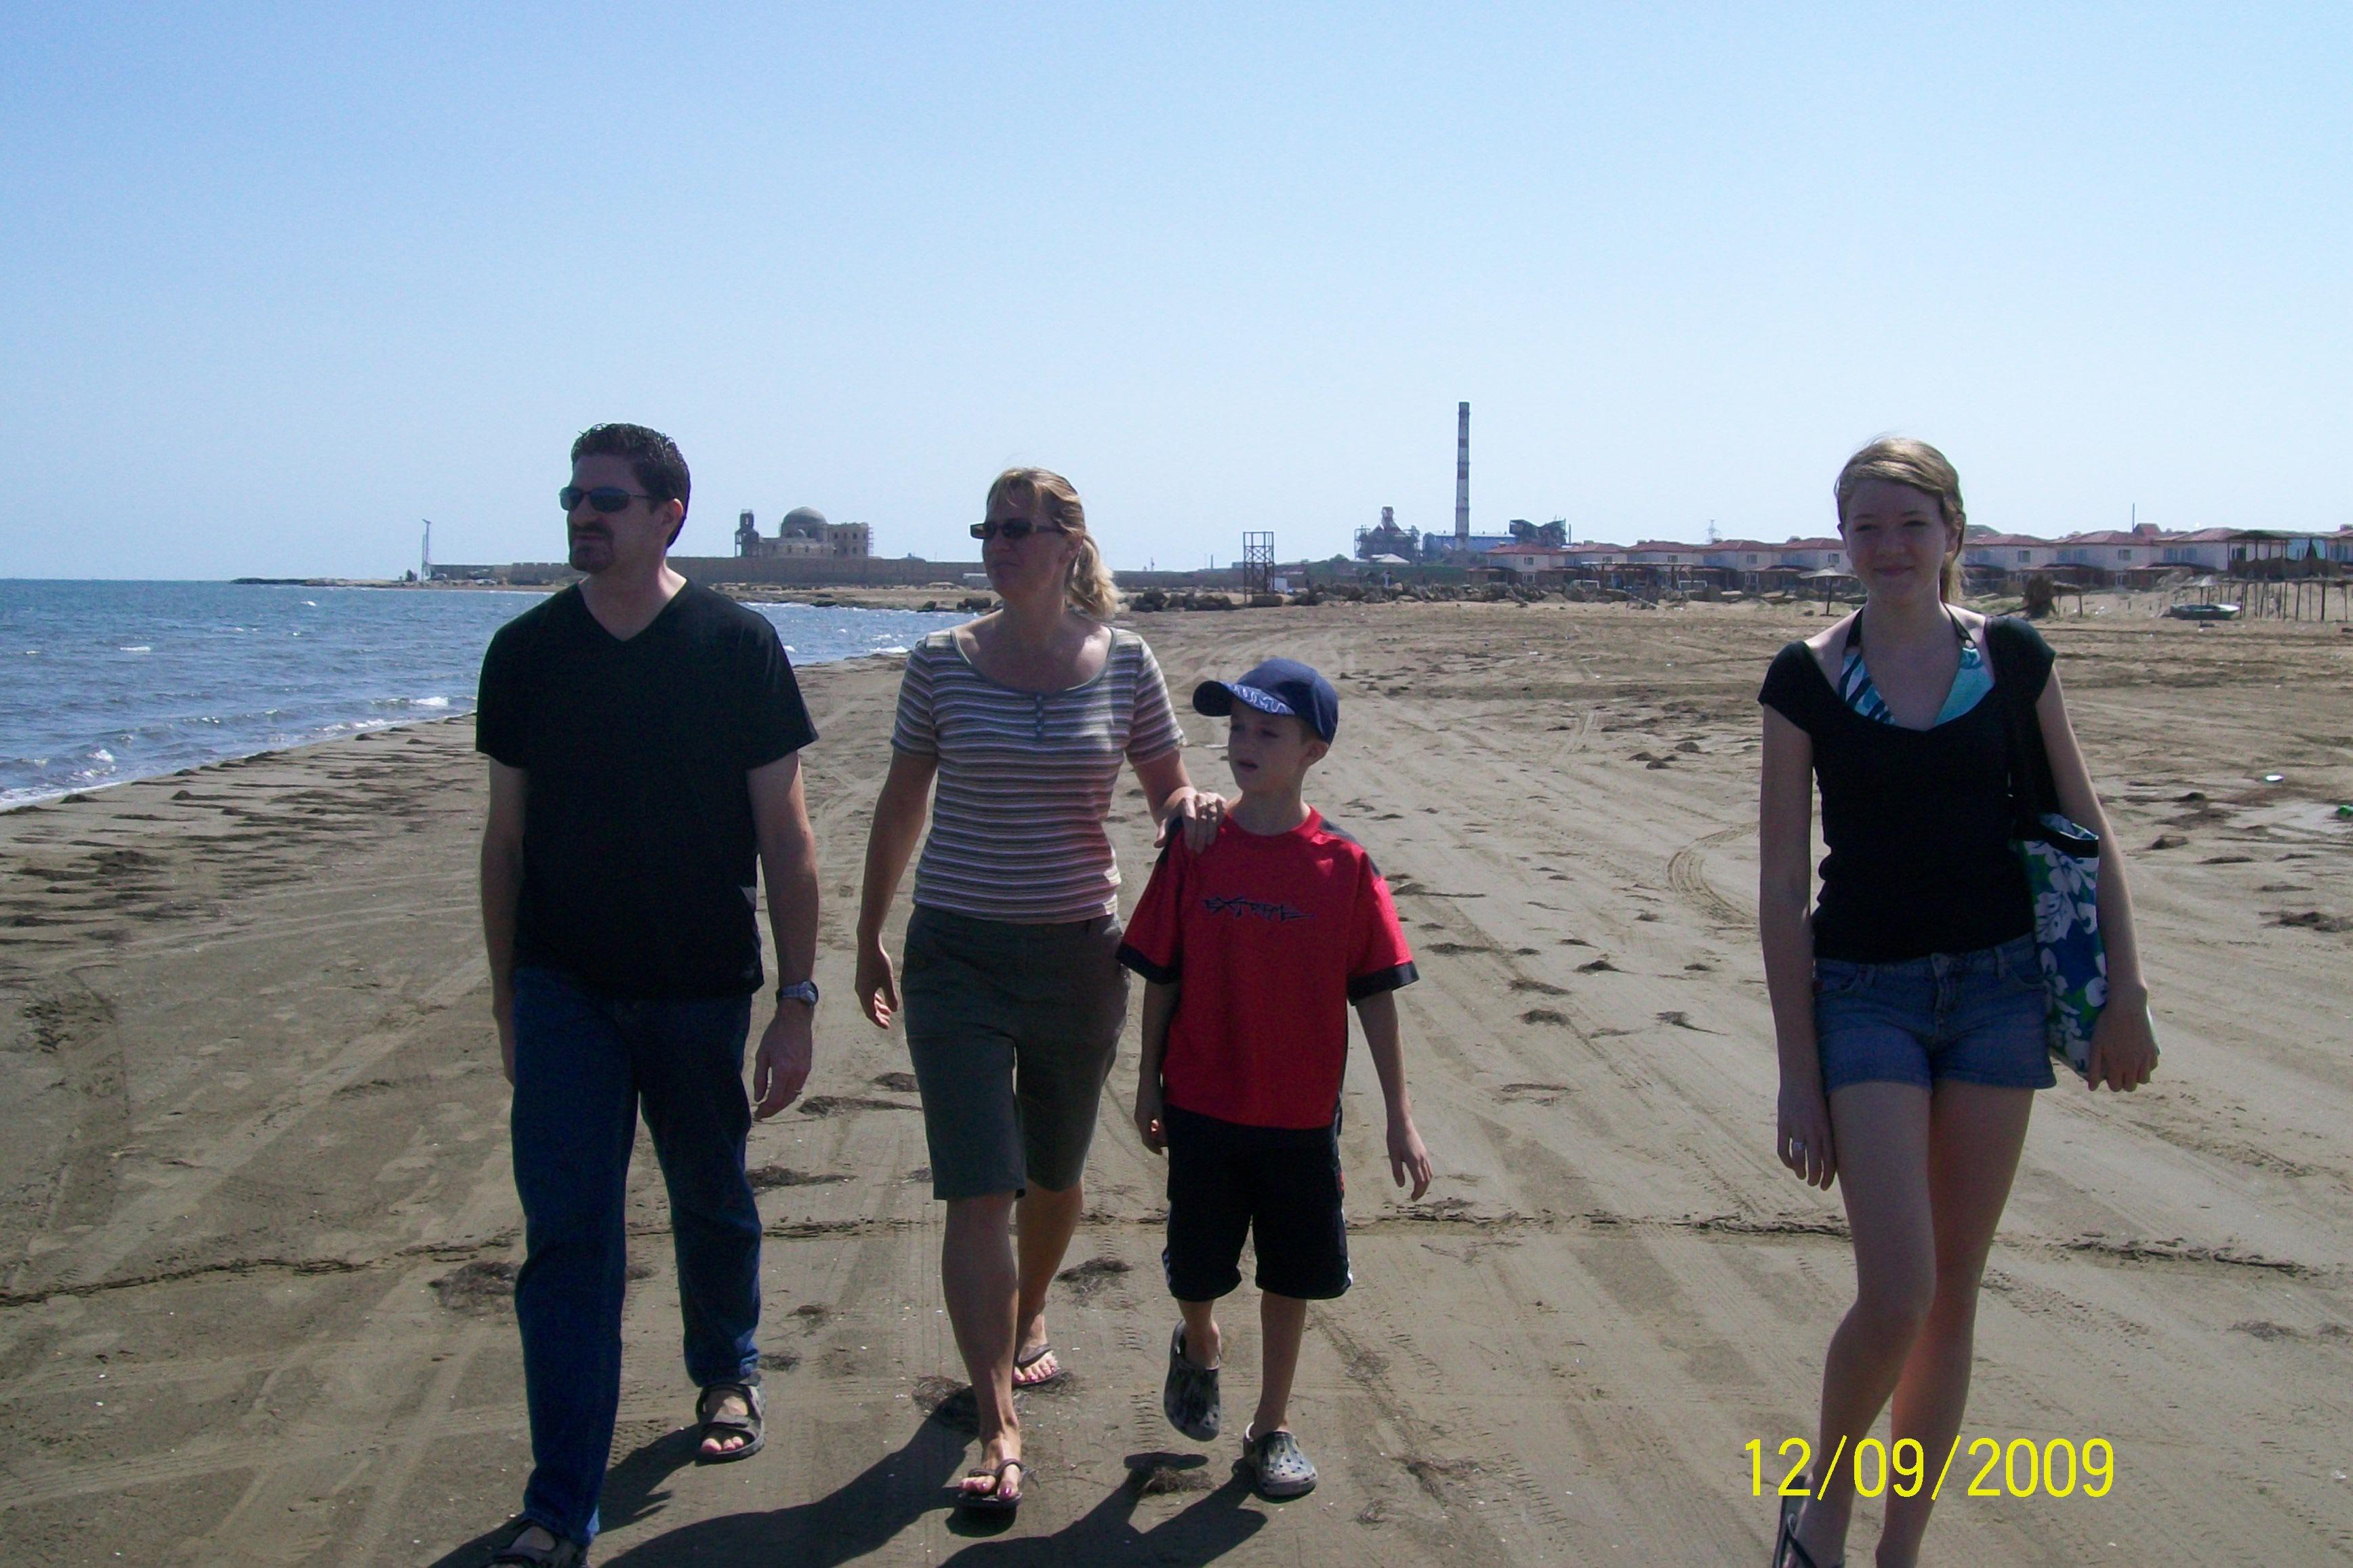 beach-09-09-007.jpg